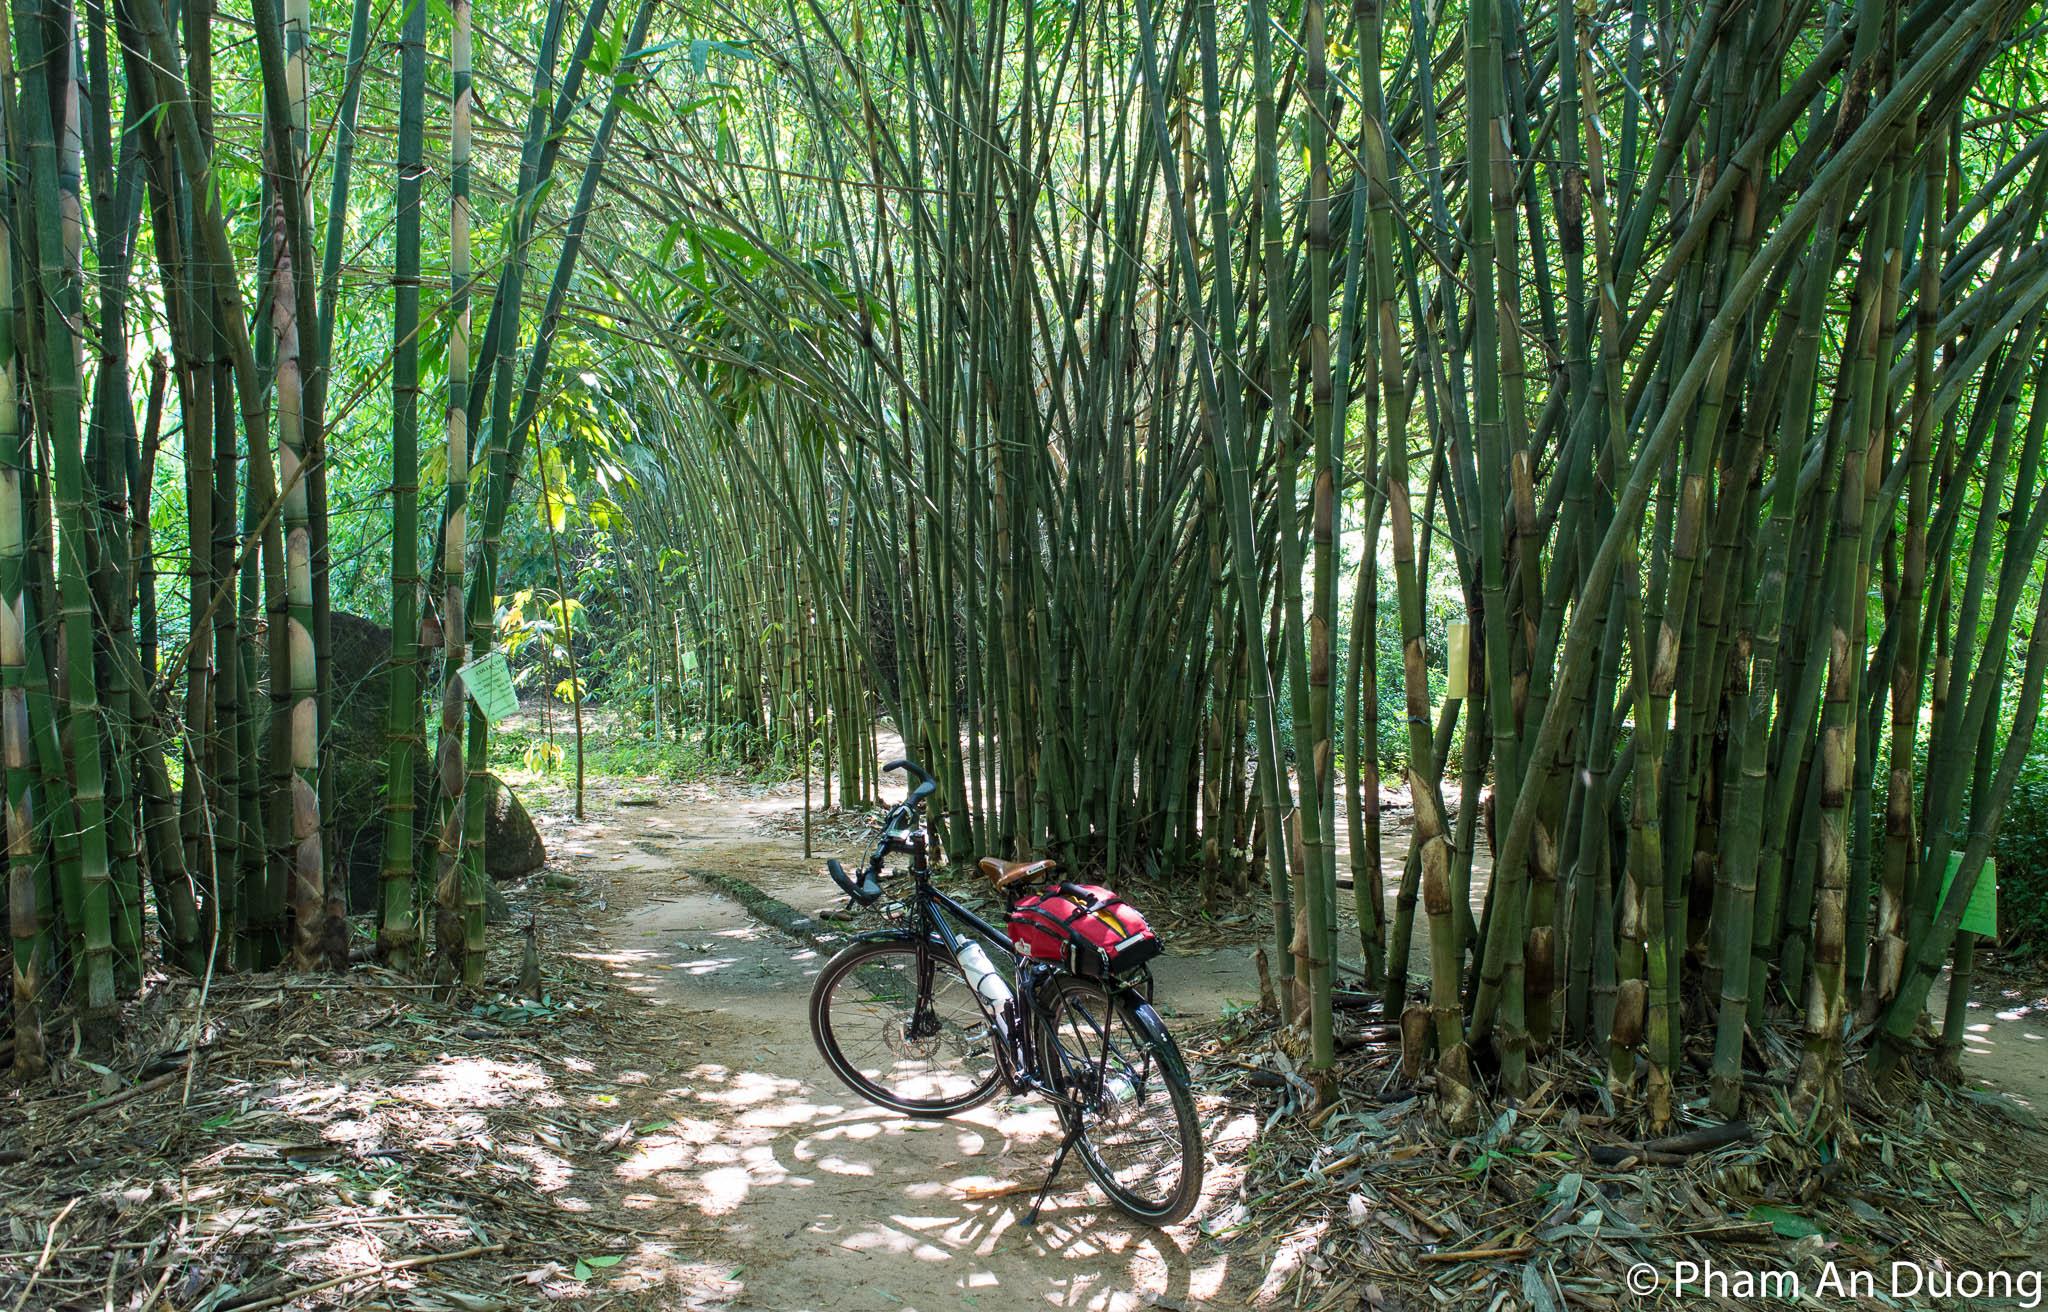 Phu An Bamboo village, Binh Duong